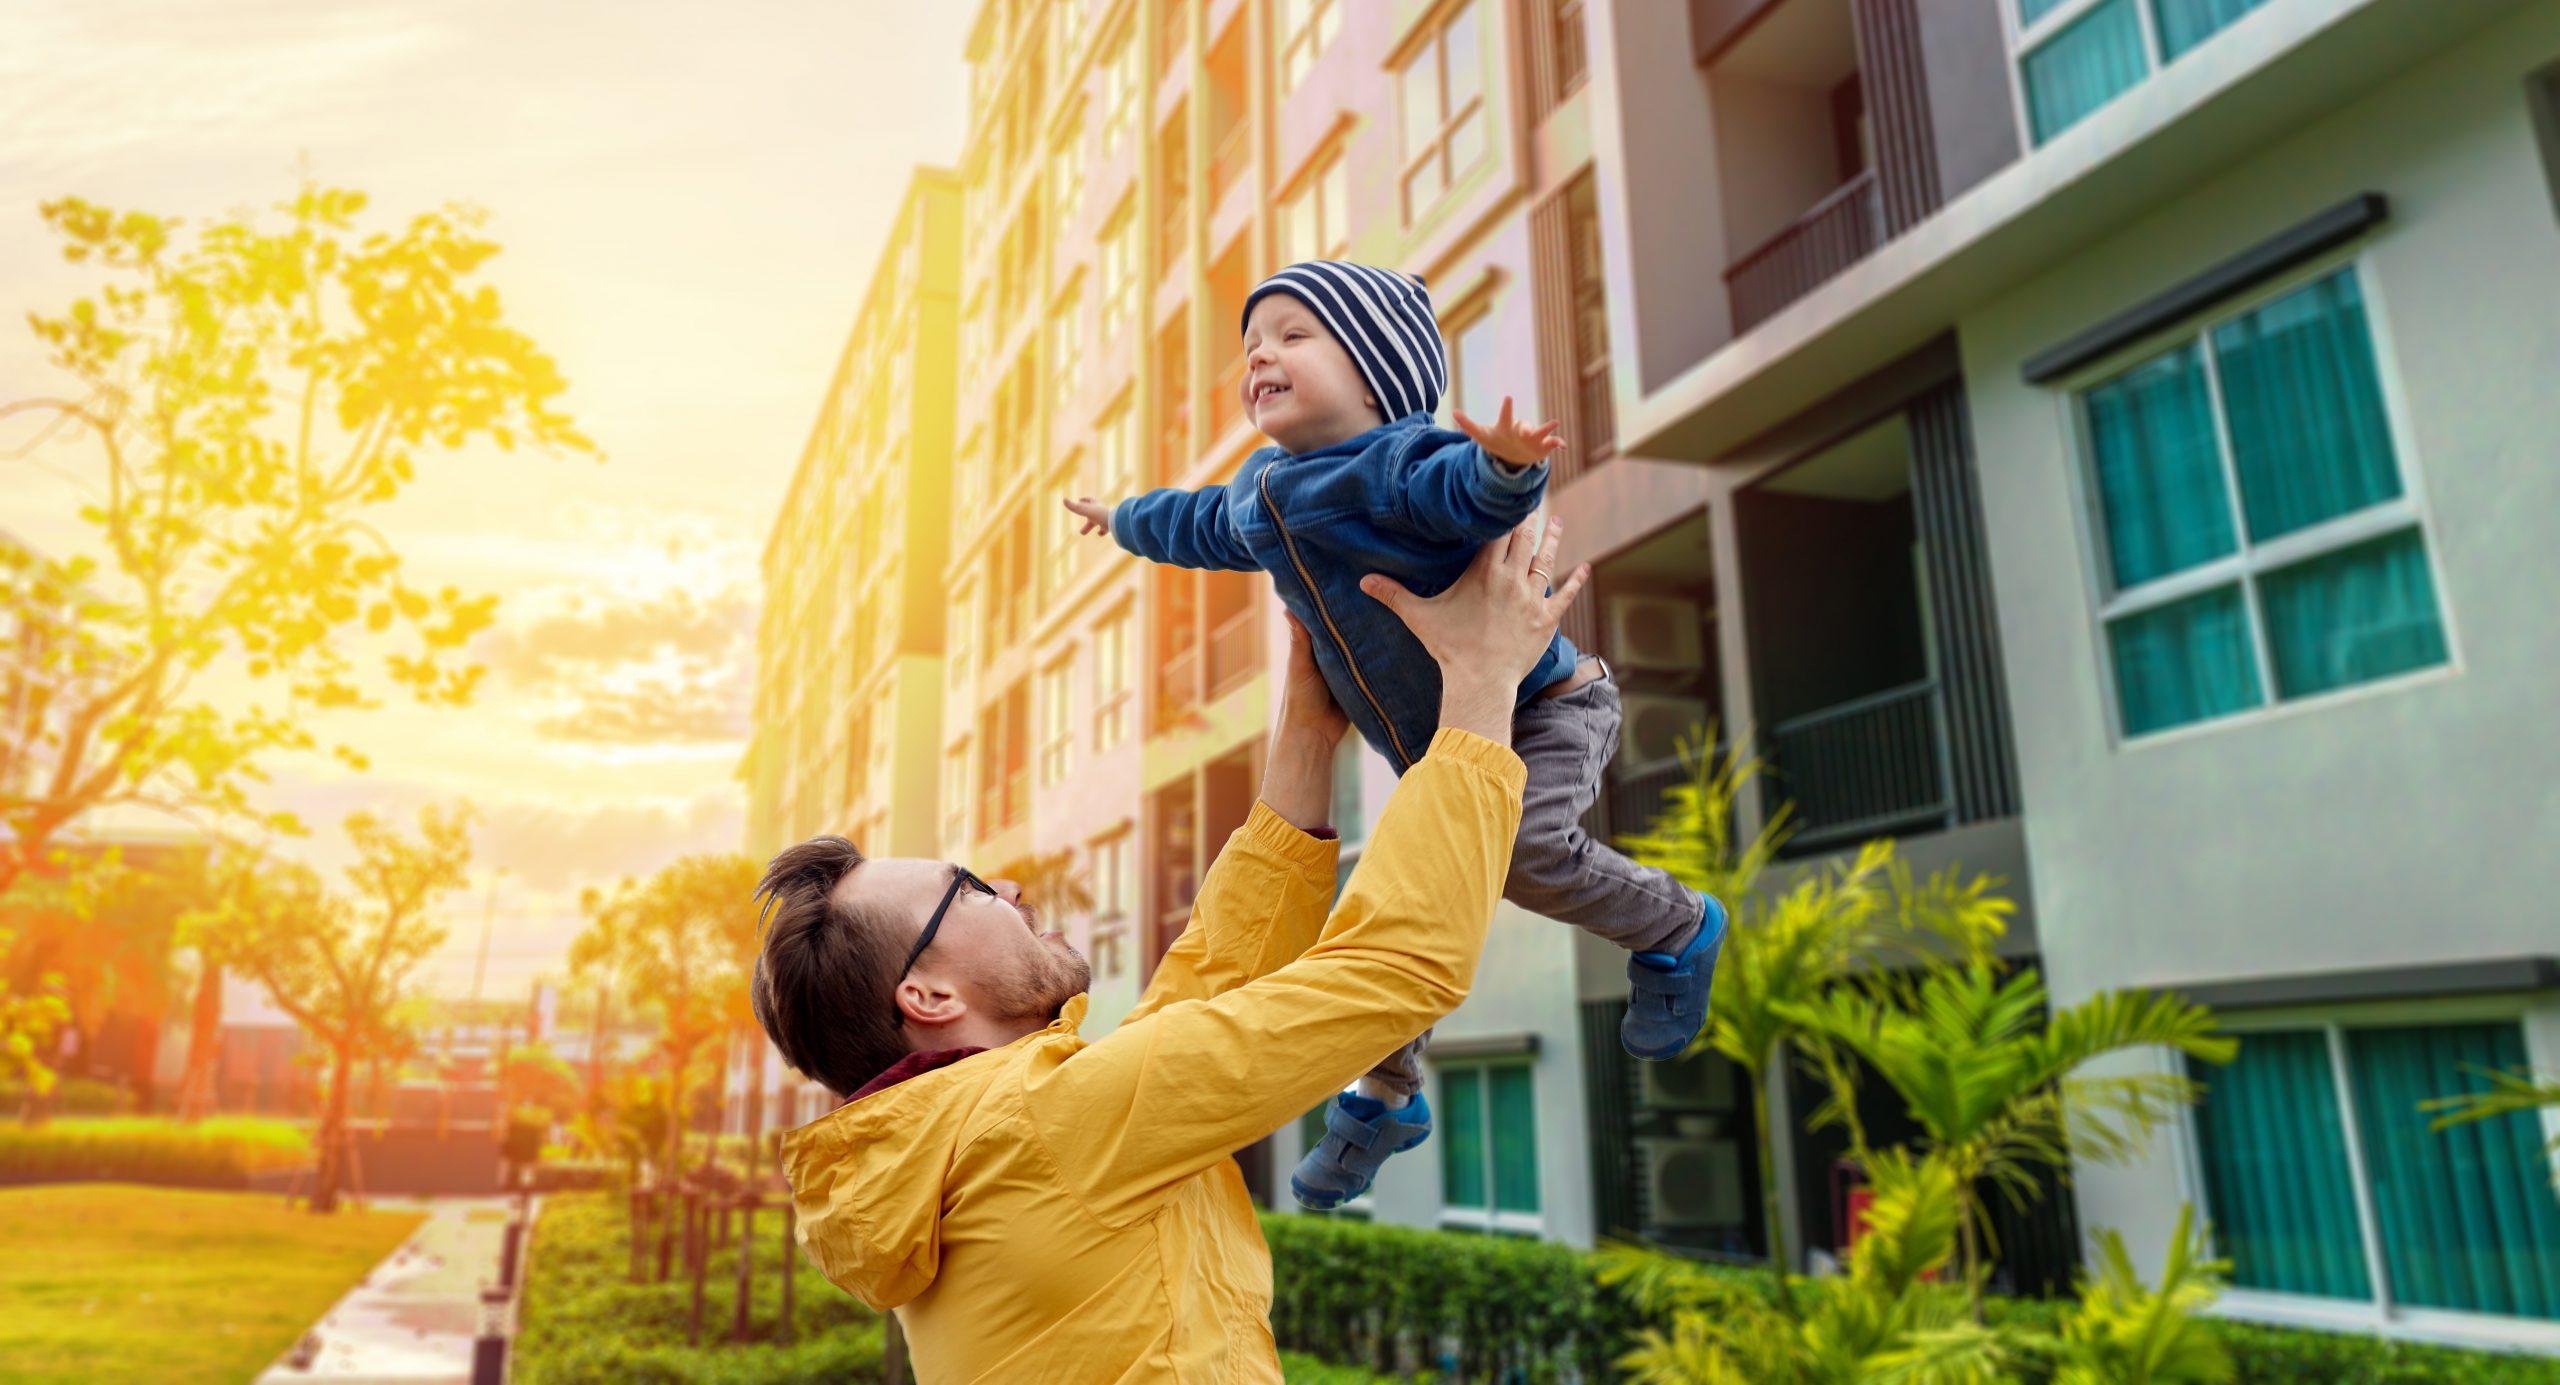 Comment promouvoir un immobilier plus durable et responsable ?